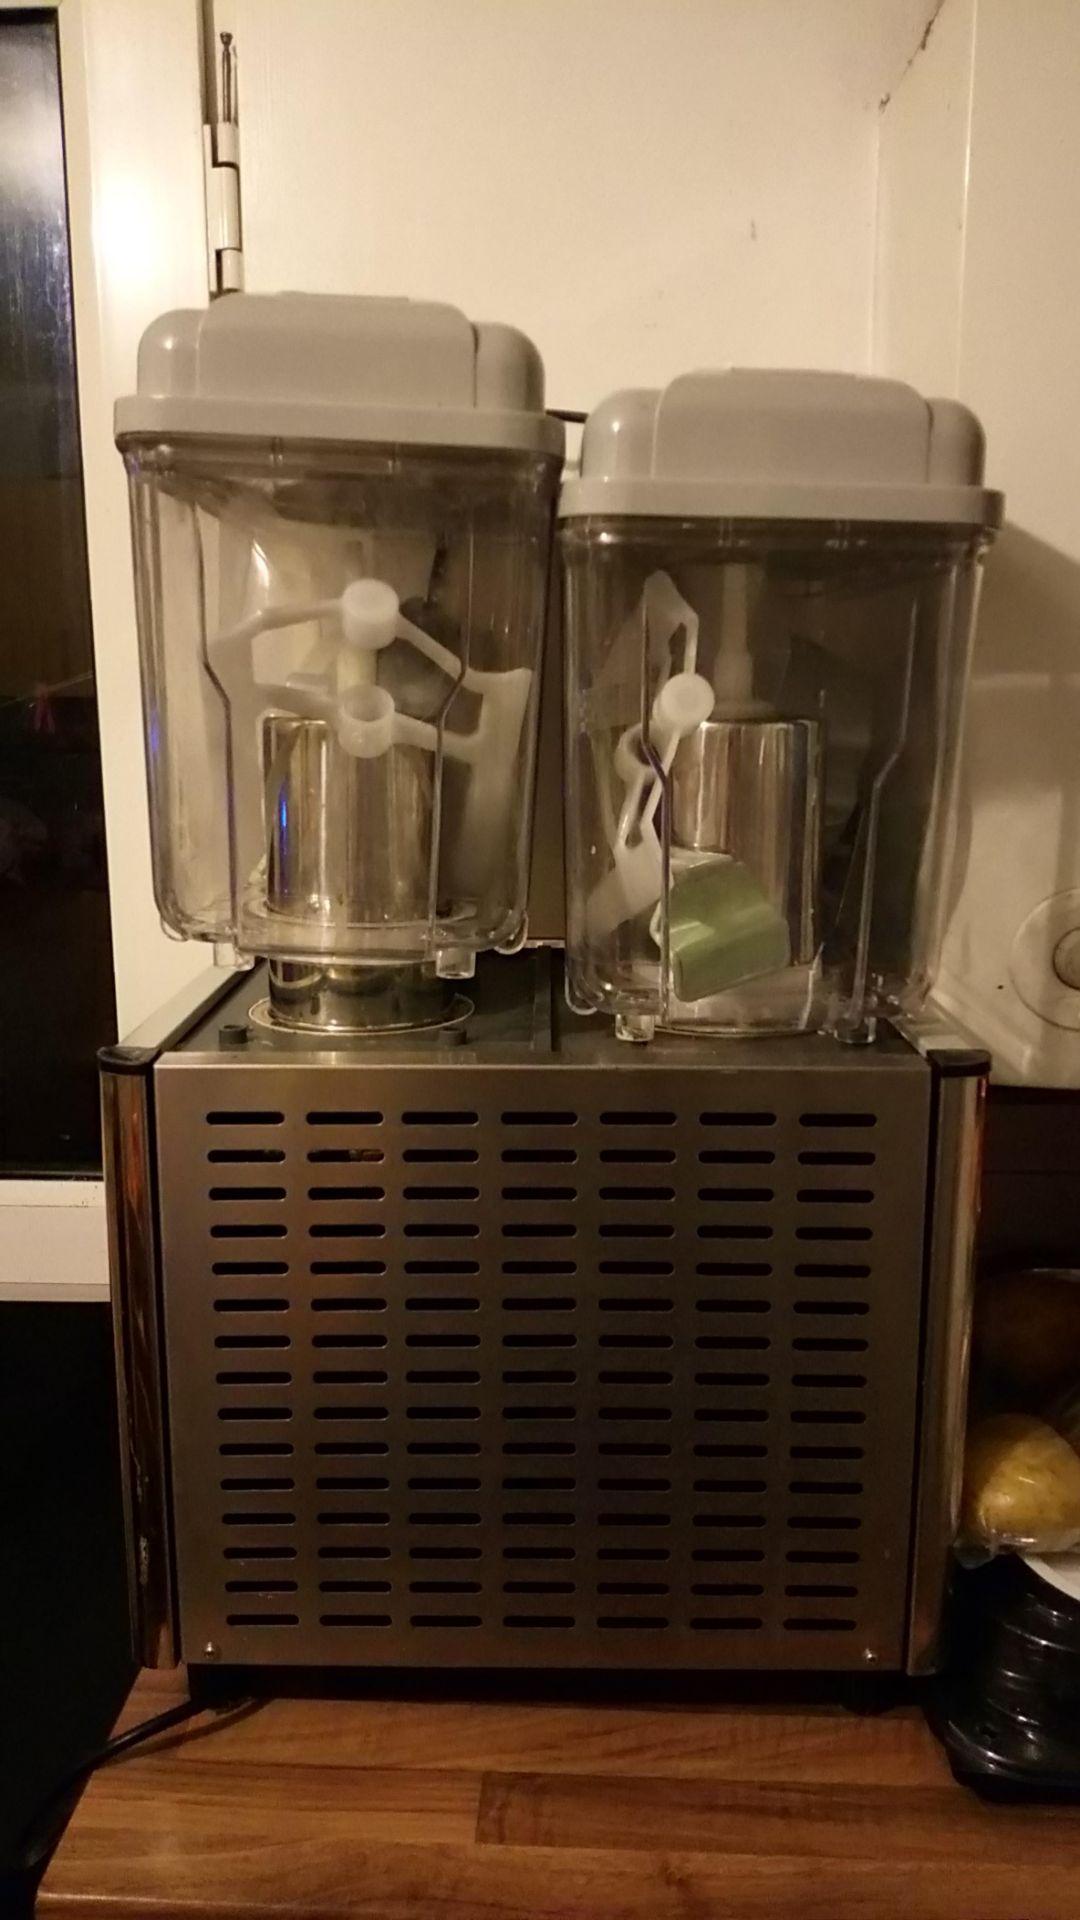 Lot 111 - Interlevin Juice Dispenser